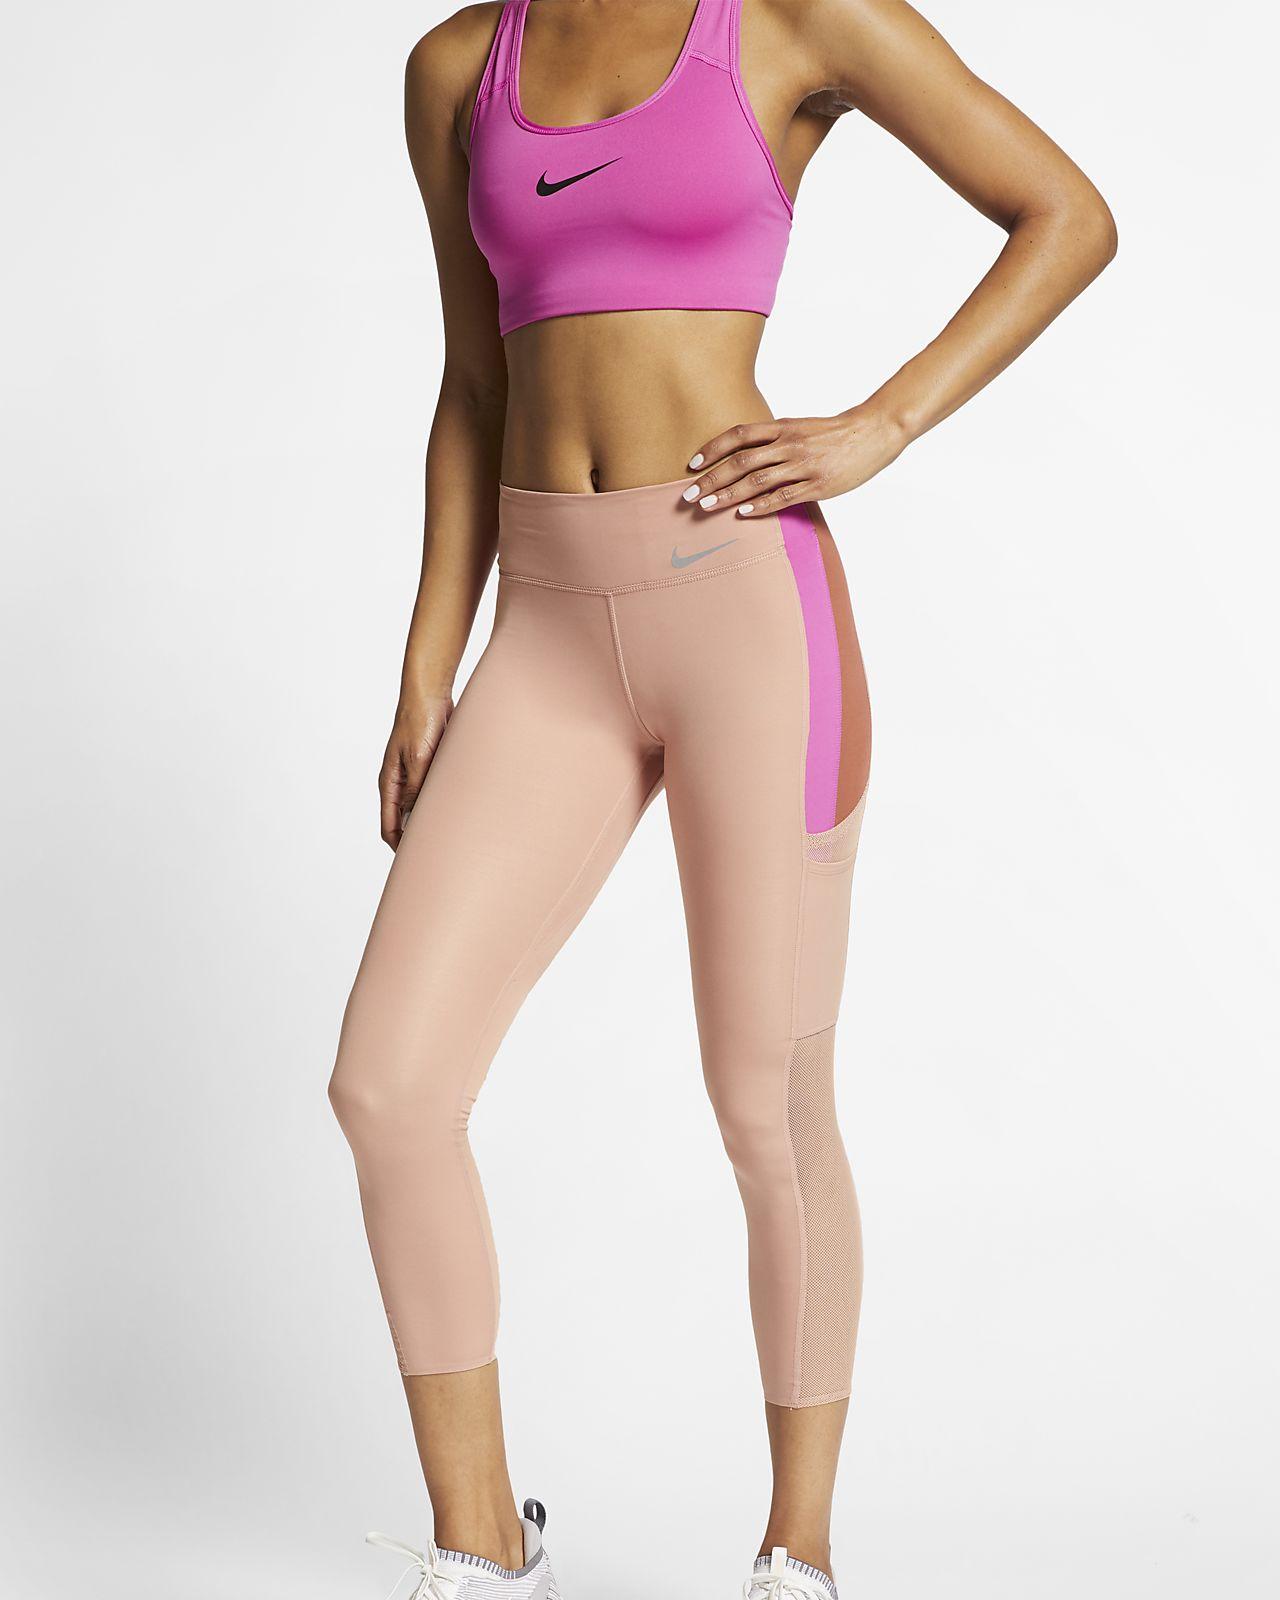 Nike One Luxe Malles de 7/8 - Dona